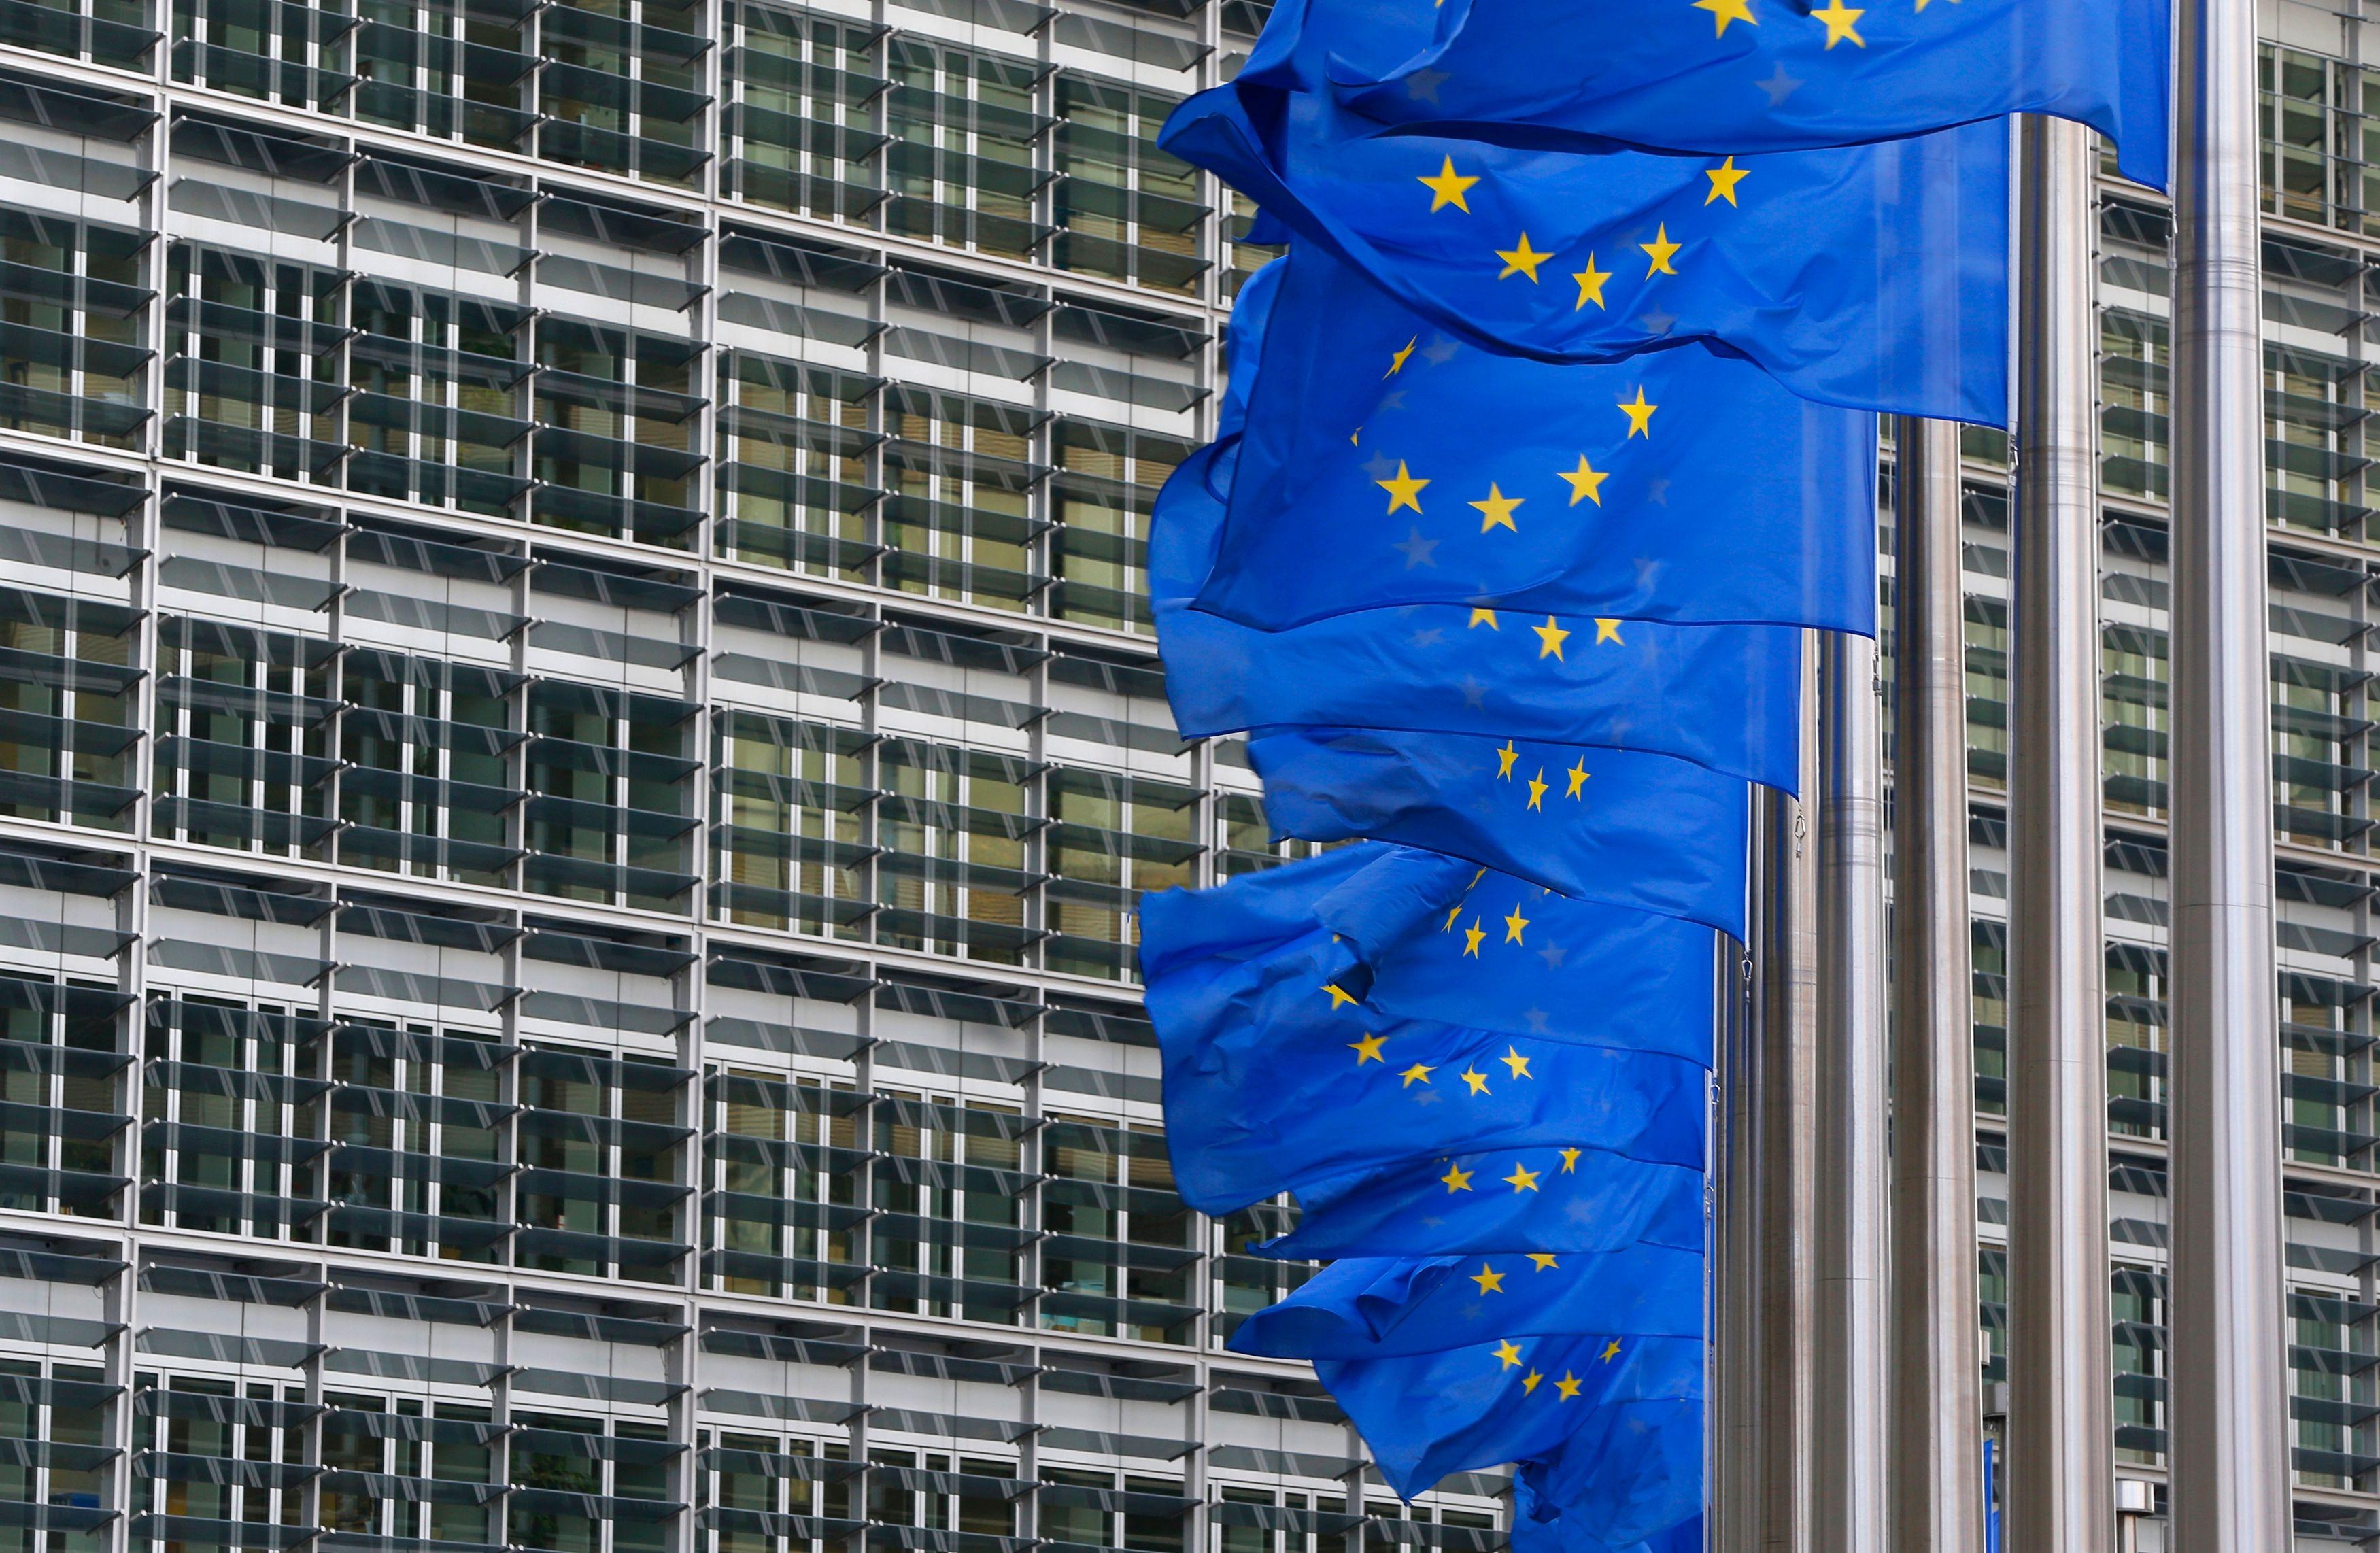 La croissance de la zone euro moins bonne que prévu au troisième trimestre